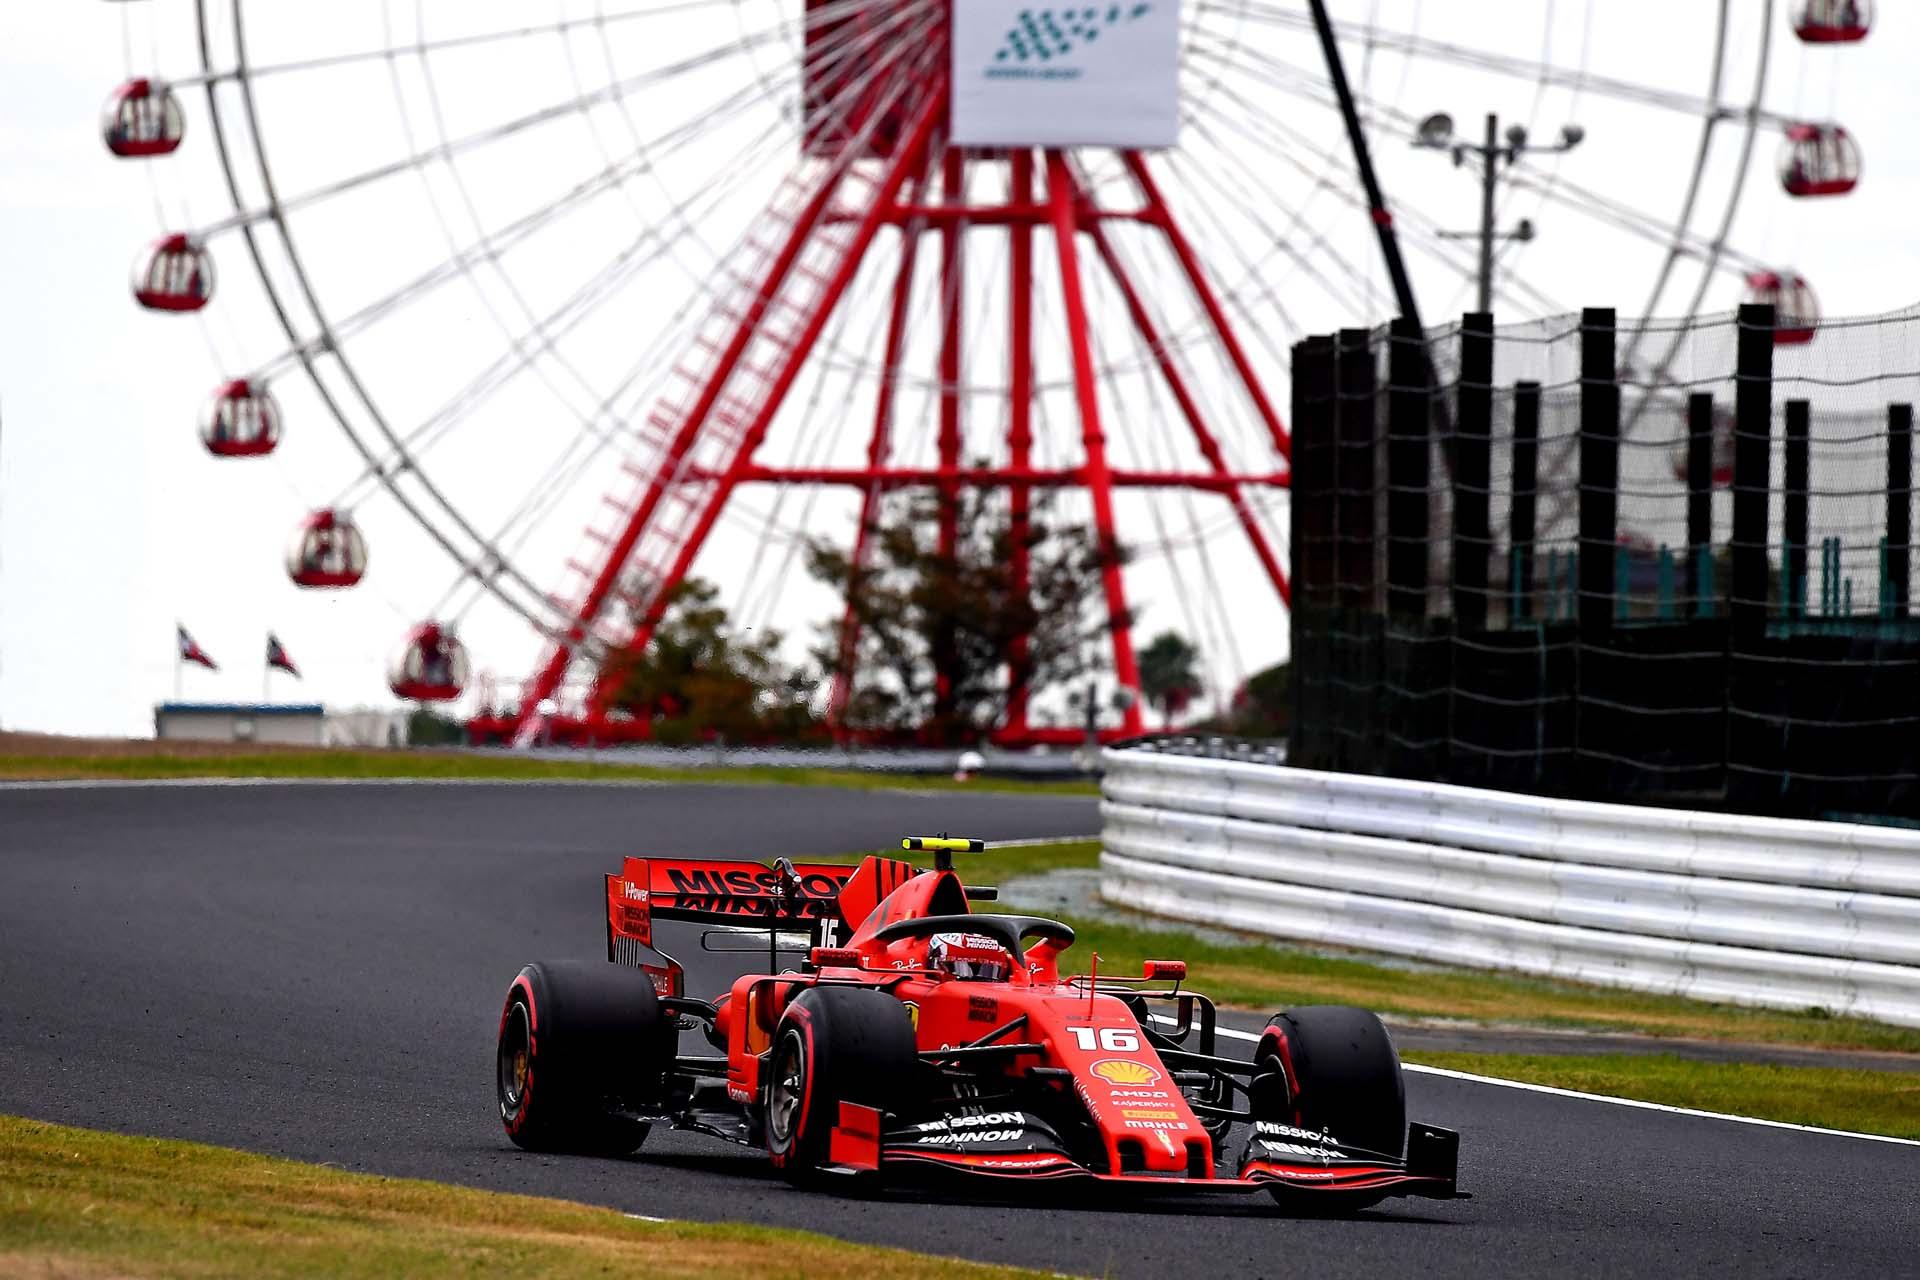 JapaneseGP2019_FRI_Ferrari_190025_jap